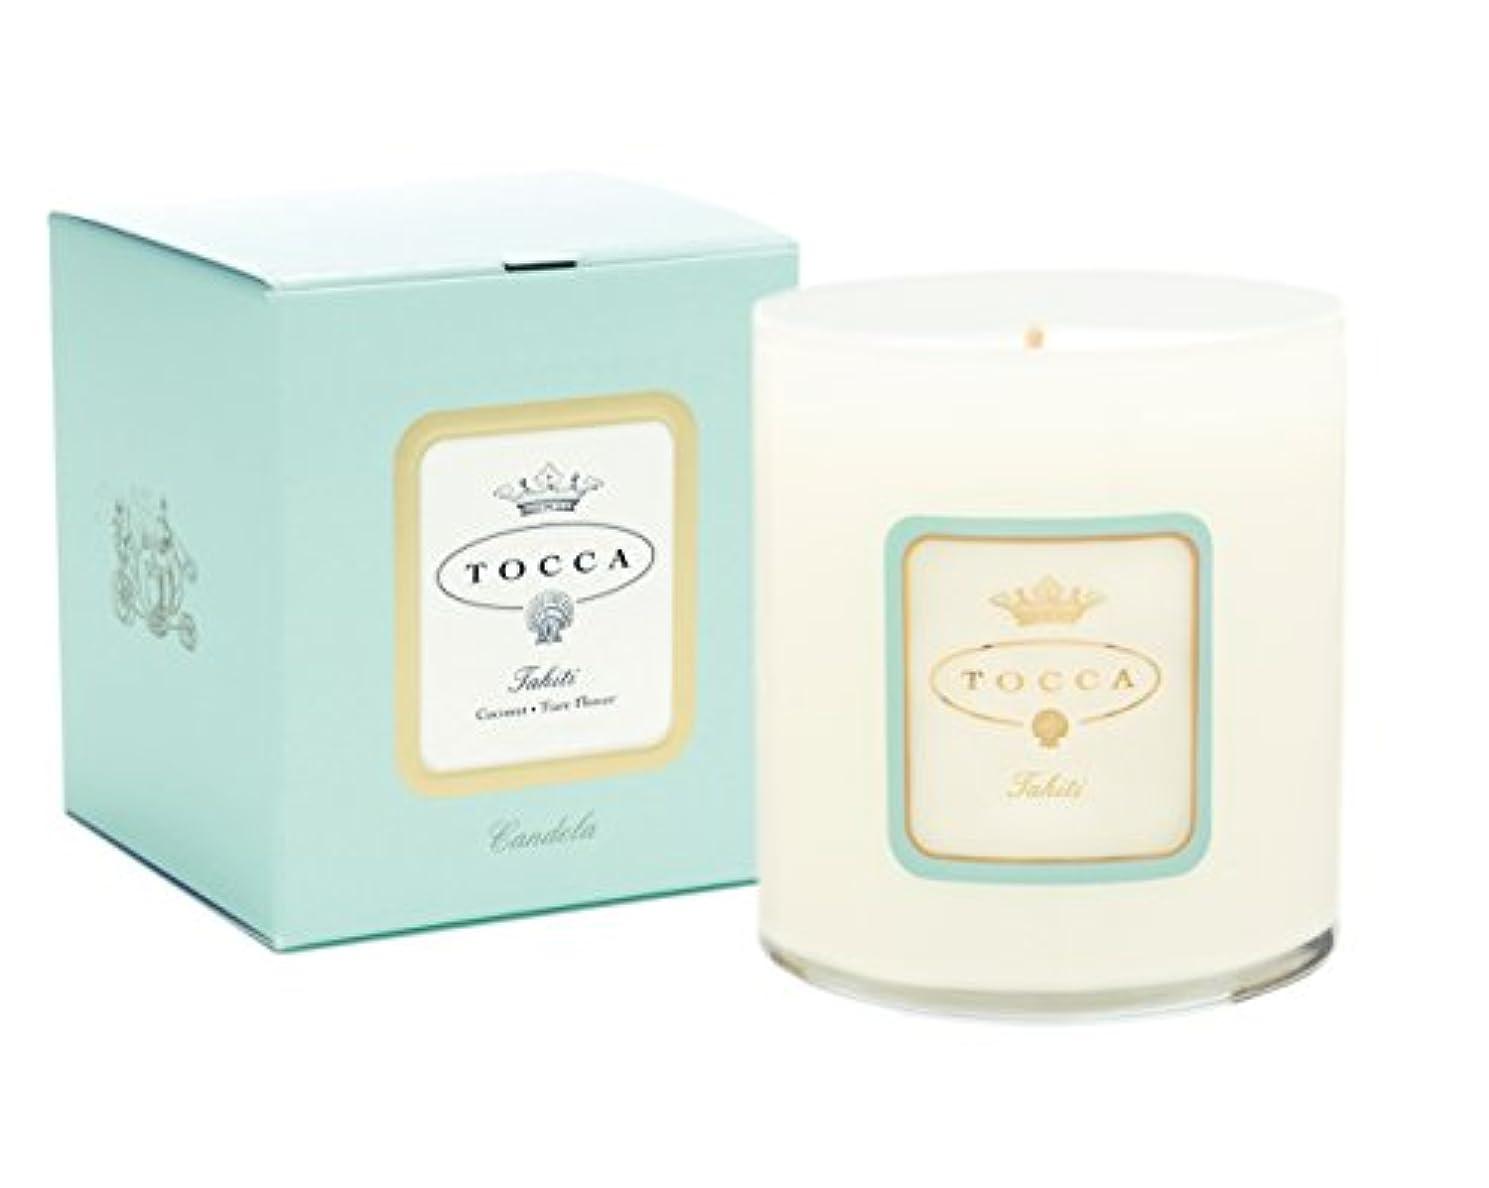 検証取得すきトッカ(TOCCA) キャンドル タヒチの香り 300g(ろうそく)